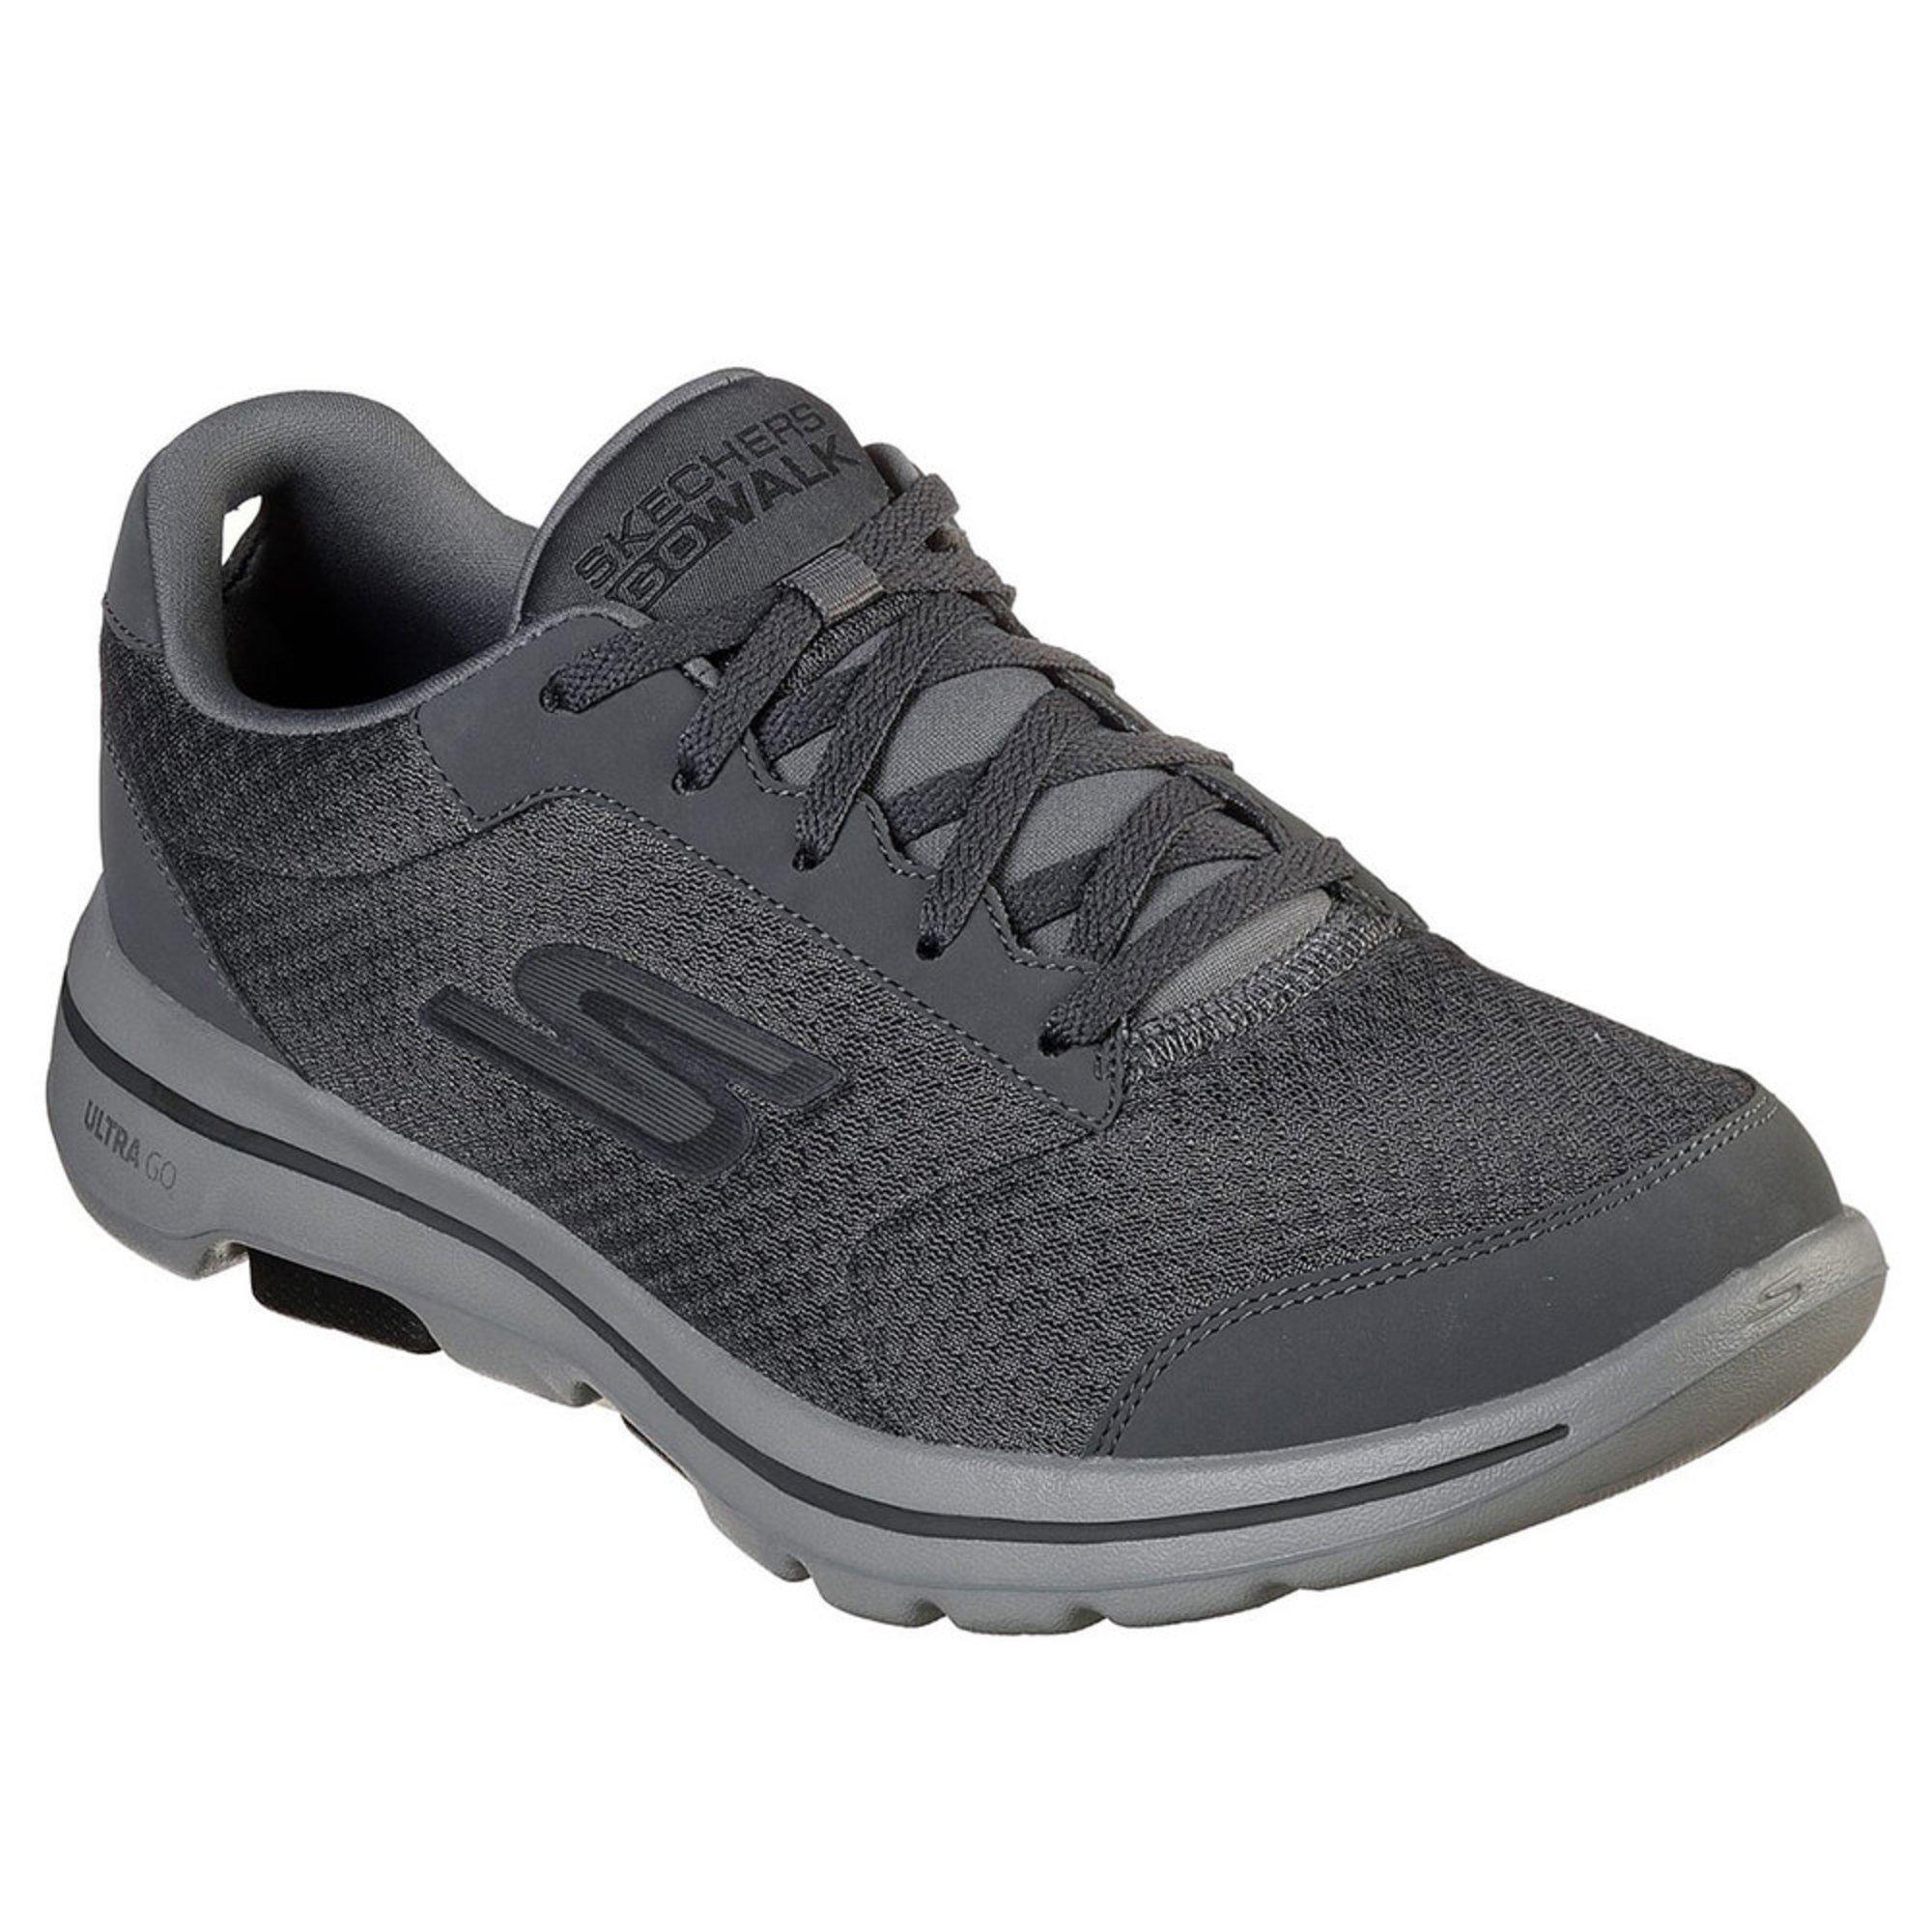 Skechers Men's Fitness Go Walk 5 Walking Shoe (Wide)